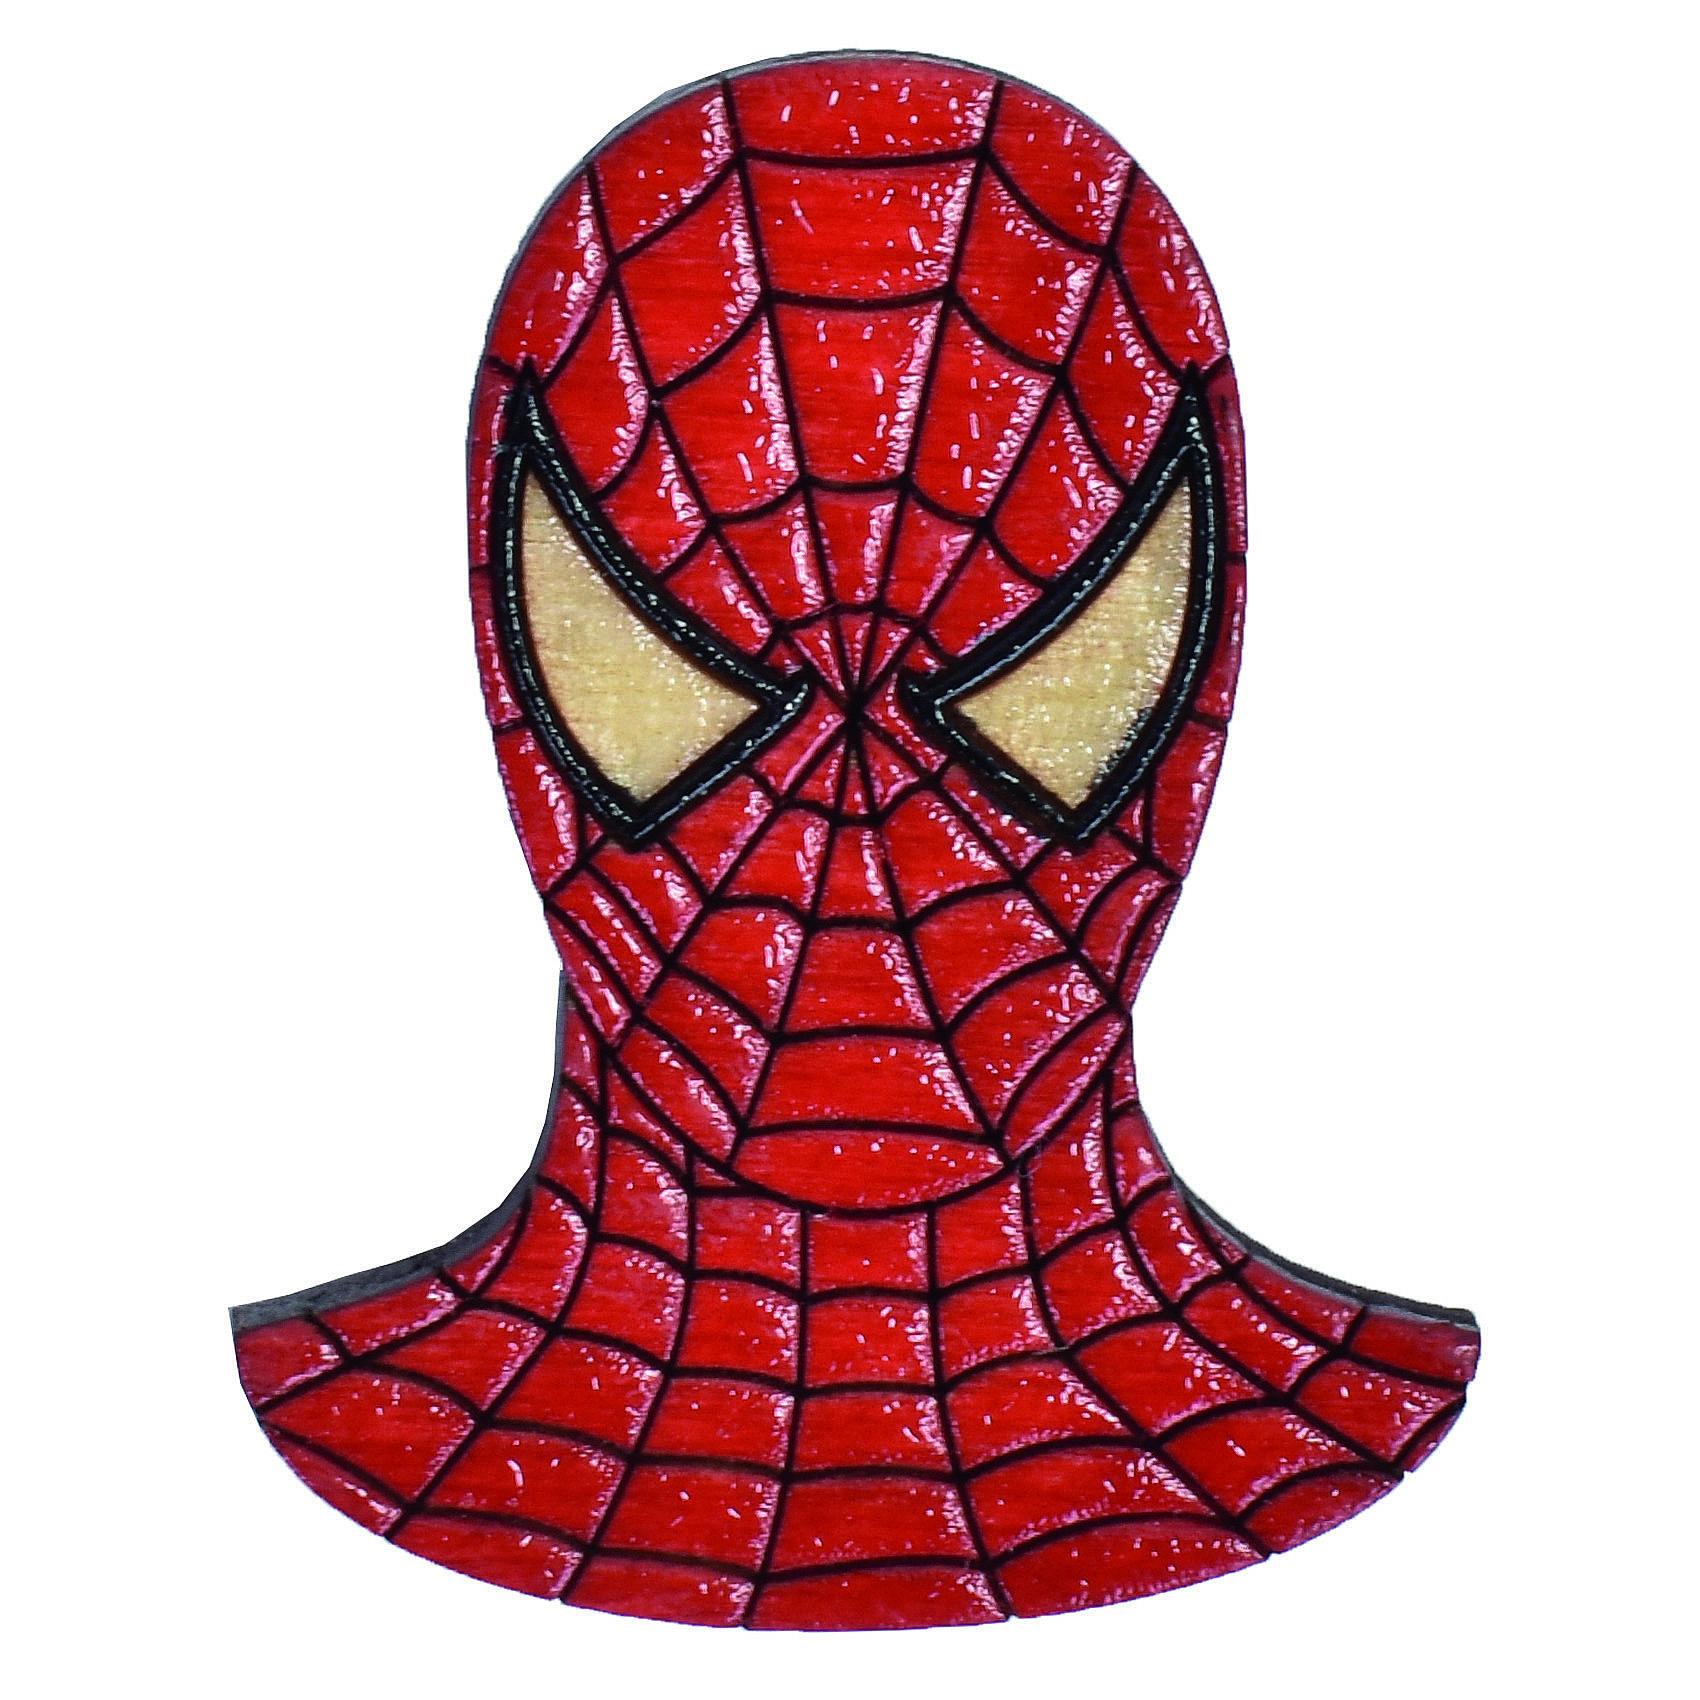 عکس پیکسل طرح مرد عنکبوتی کد 12